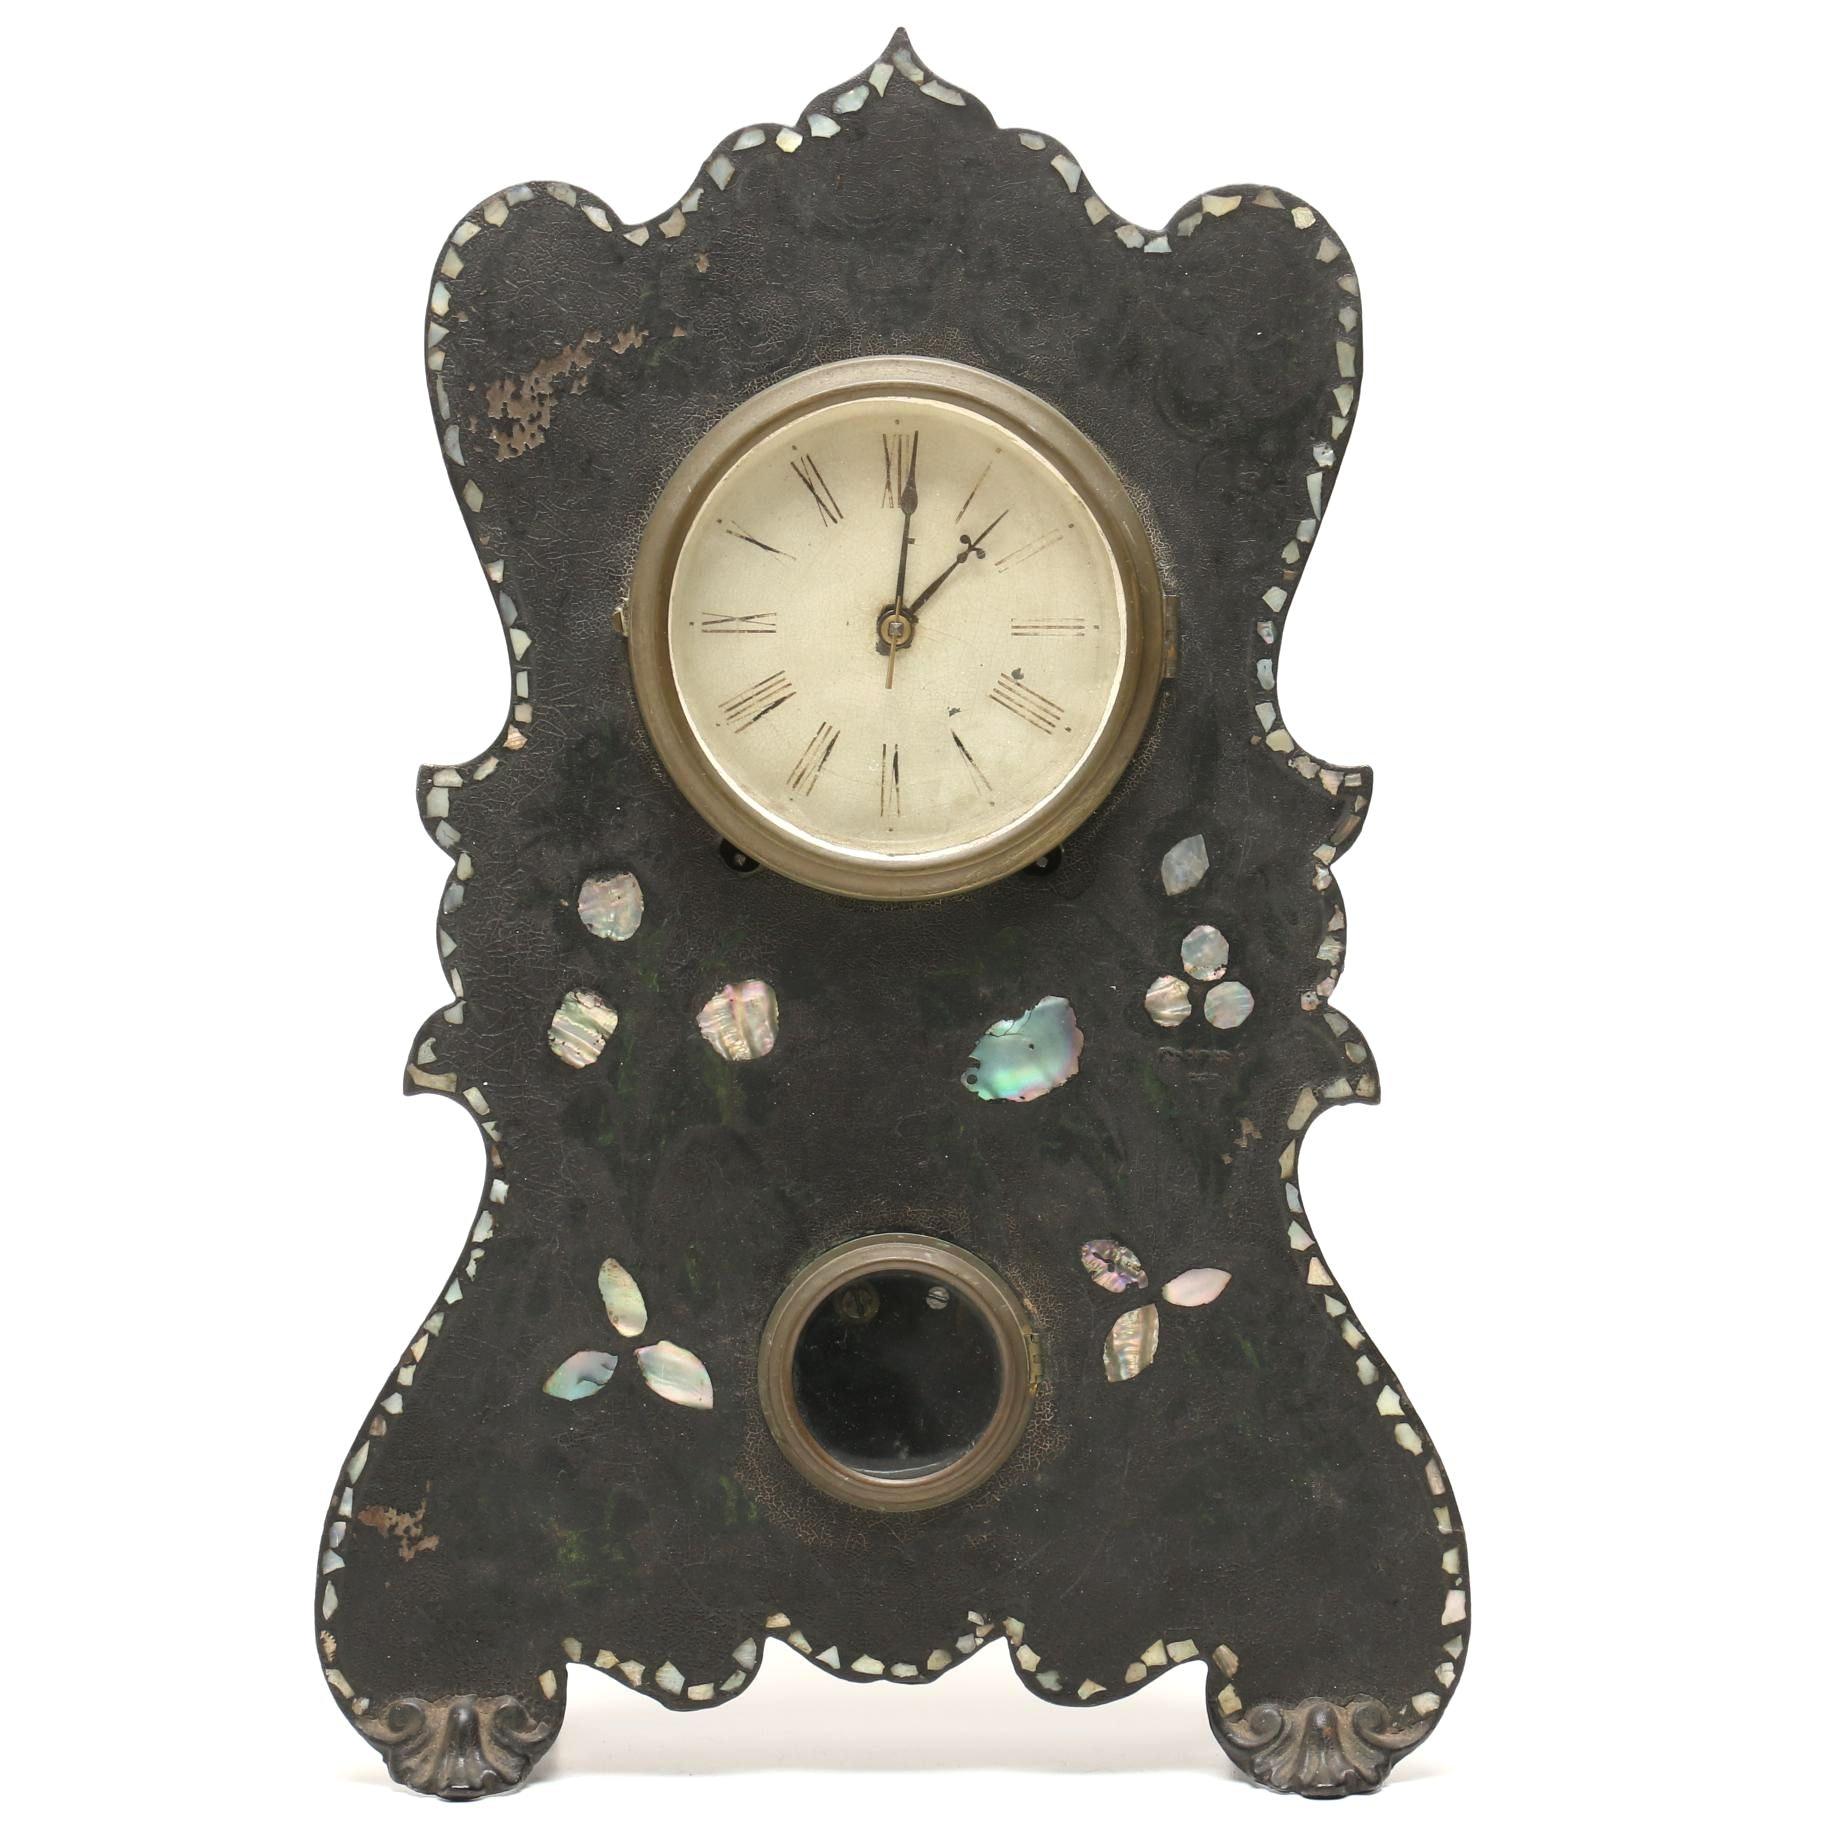 Antique William Johnson Mantel Clock